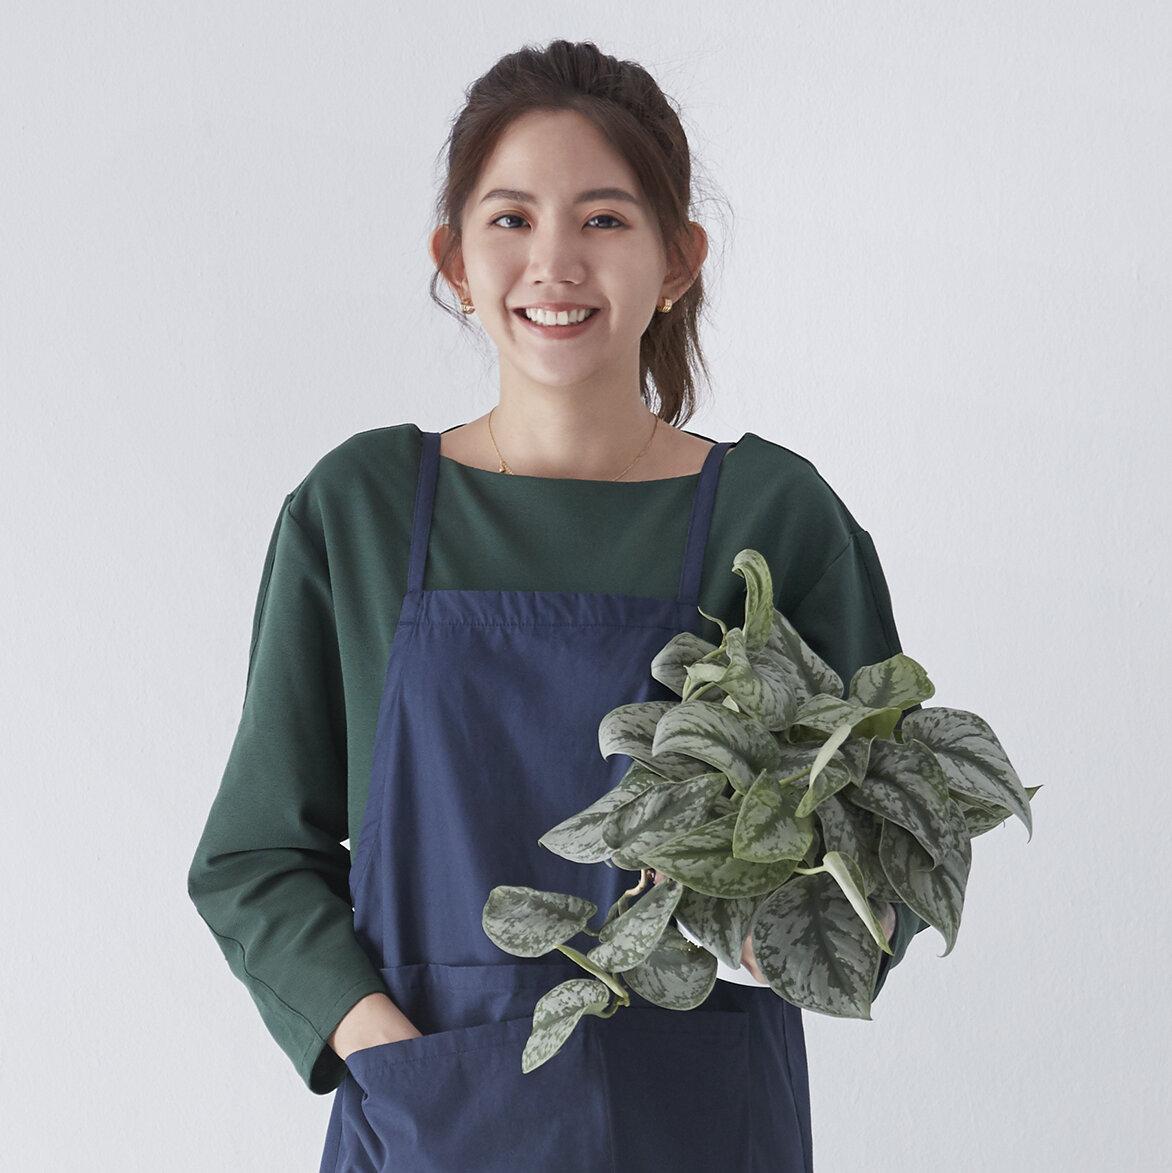 陳艾琳 專訪,陳艾琳,陳艾琳 花店,花藝,花藝職人,花藝師,花藝設計,西裝外套,牛仔褲